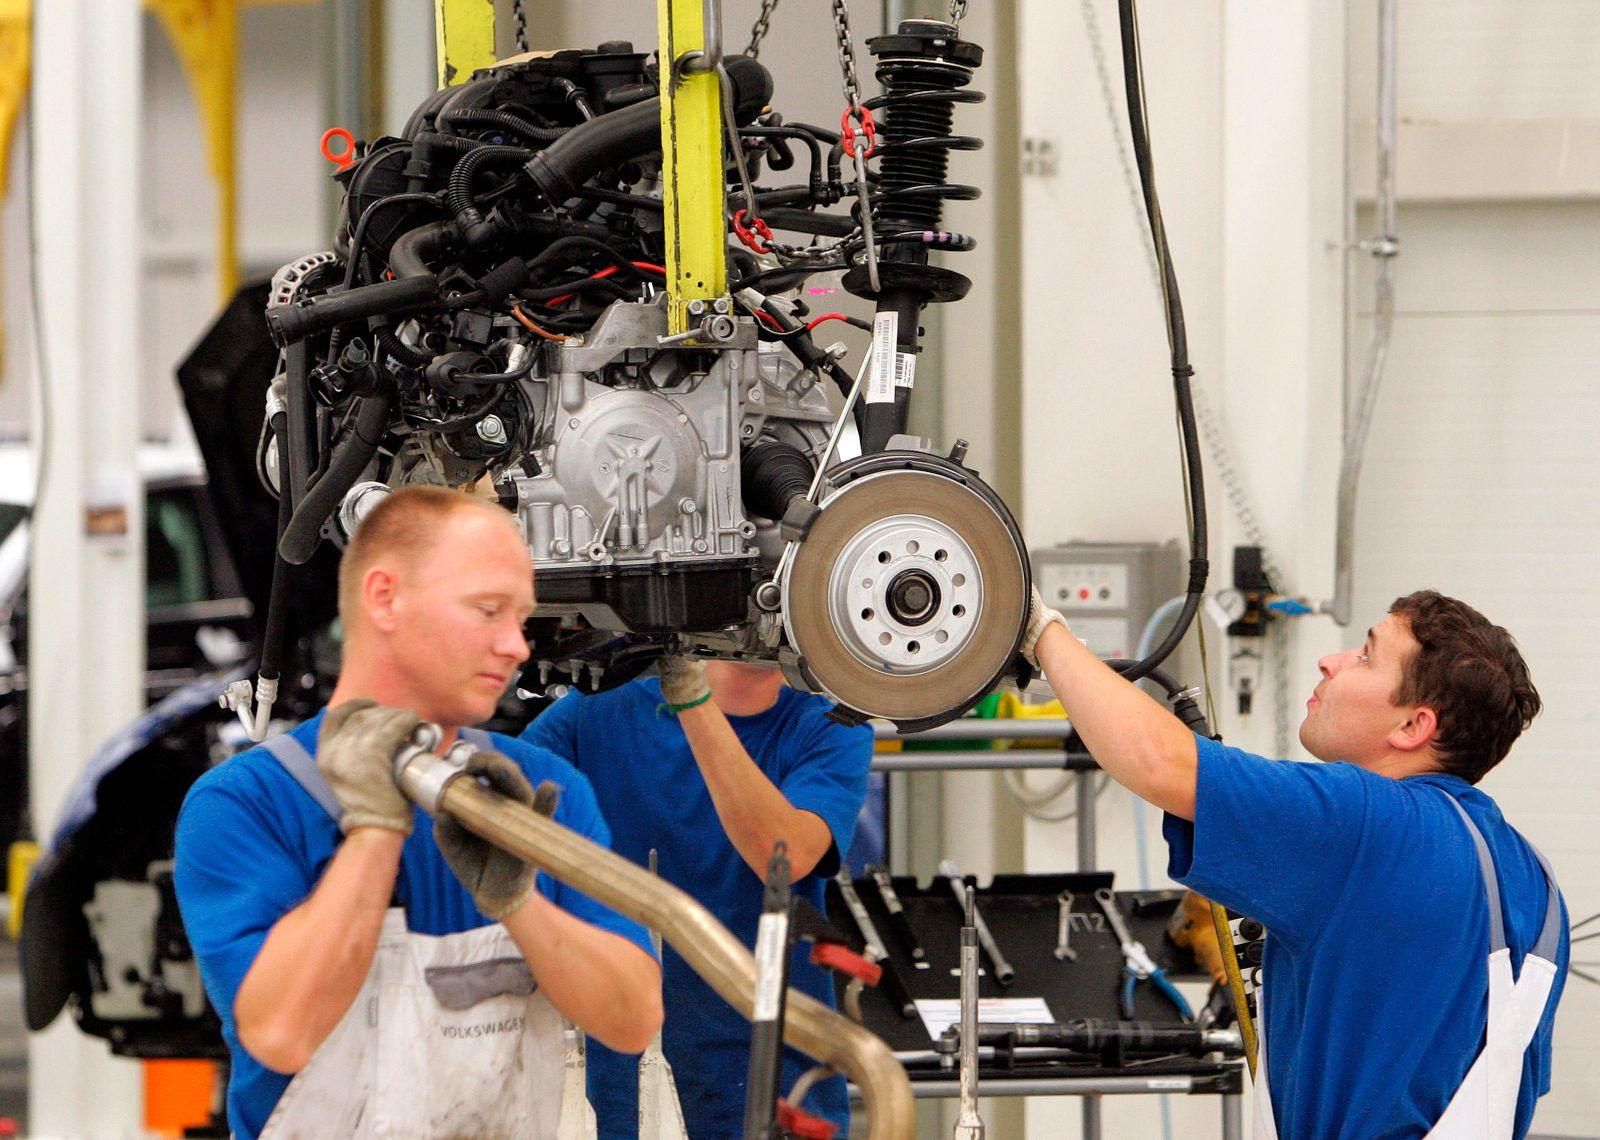 Produktion im Volkswagen-Werk in Russland